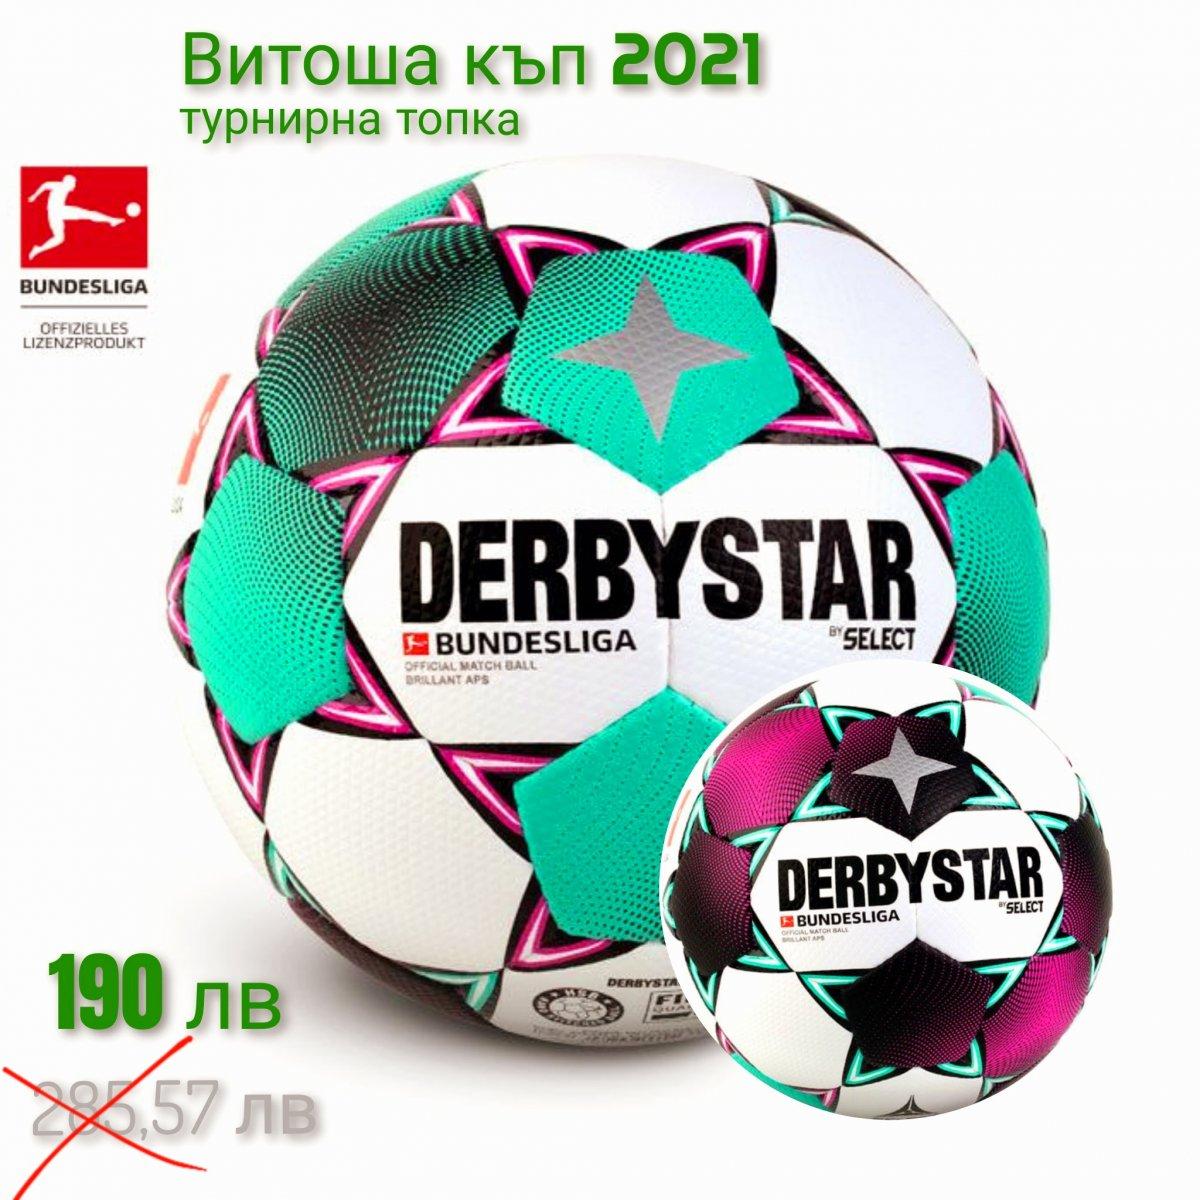 С Derbystar Bundesliga ще се играят мачовете от Витоша къп 2021